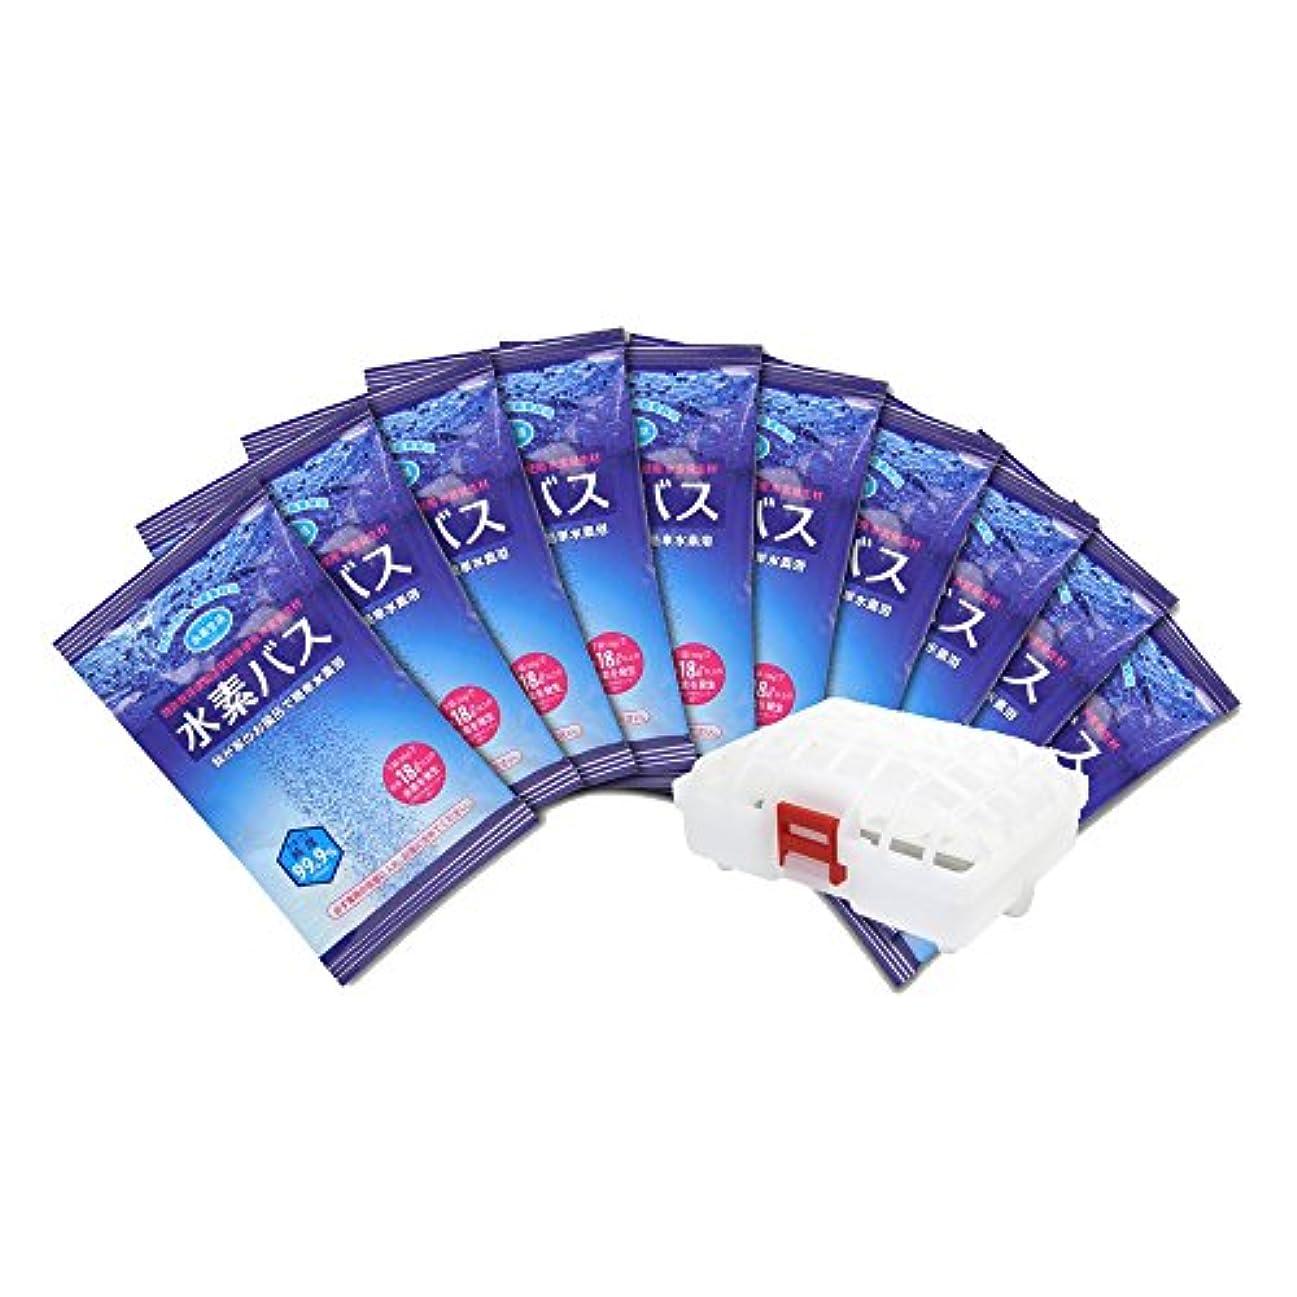 ビジター掃く急いで水素バス スターターセット 入浴剤30g×10袋 専用ケース1個付き